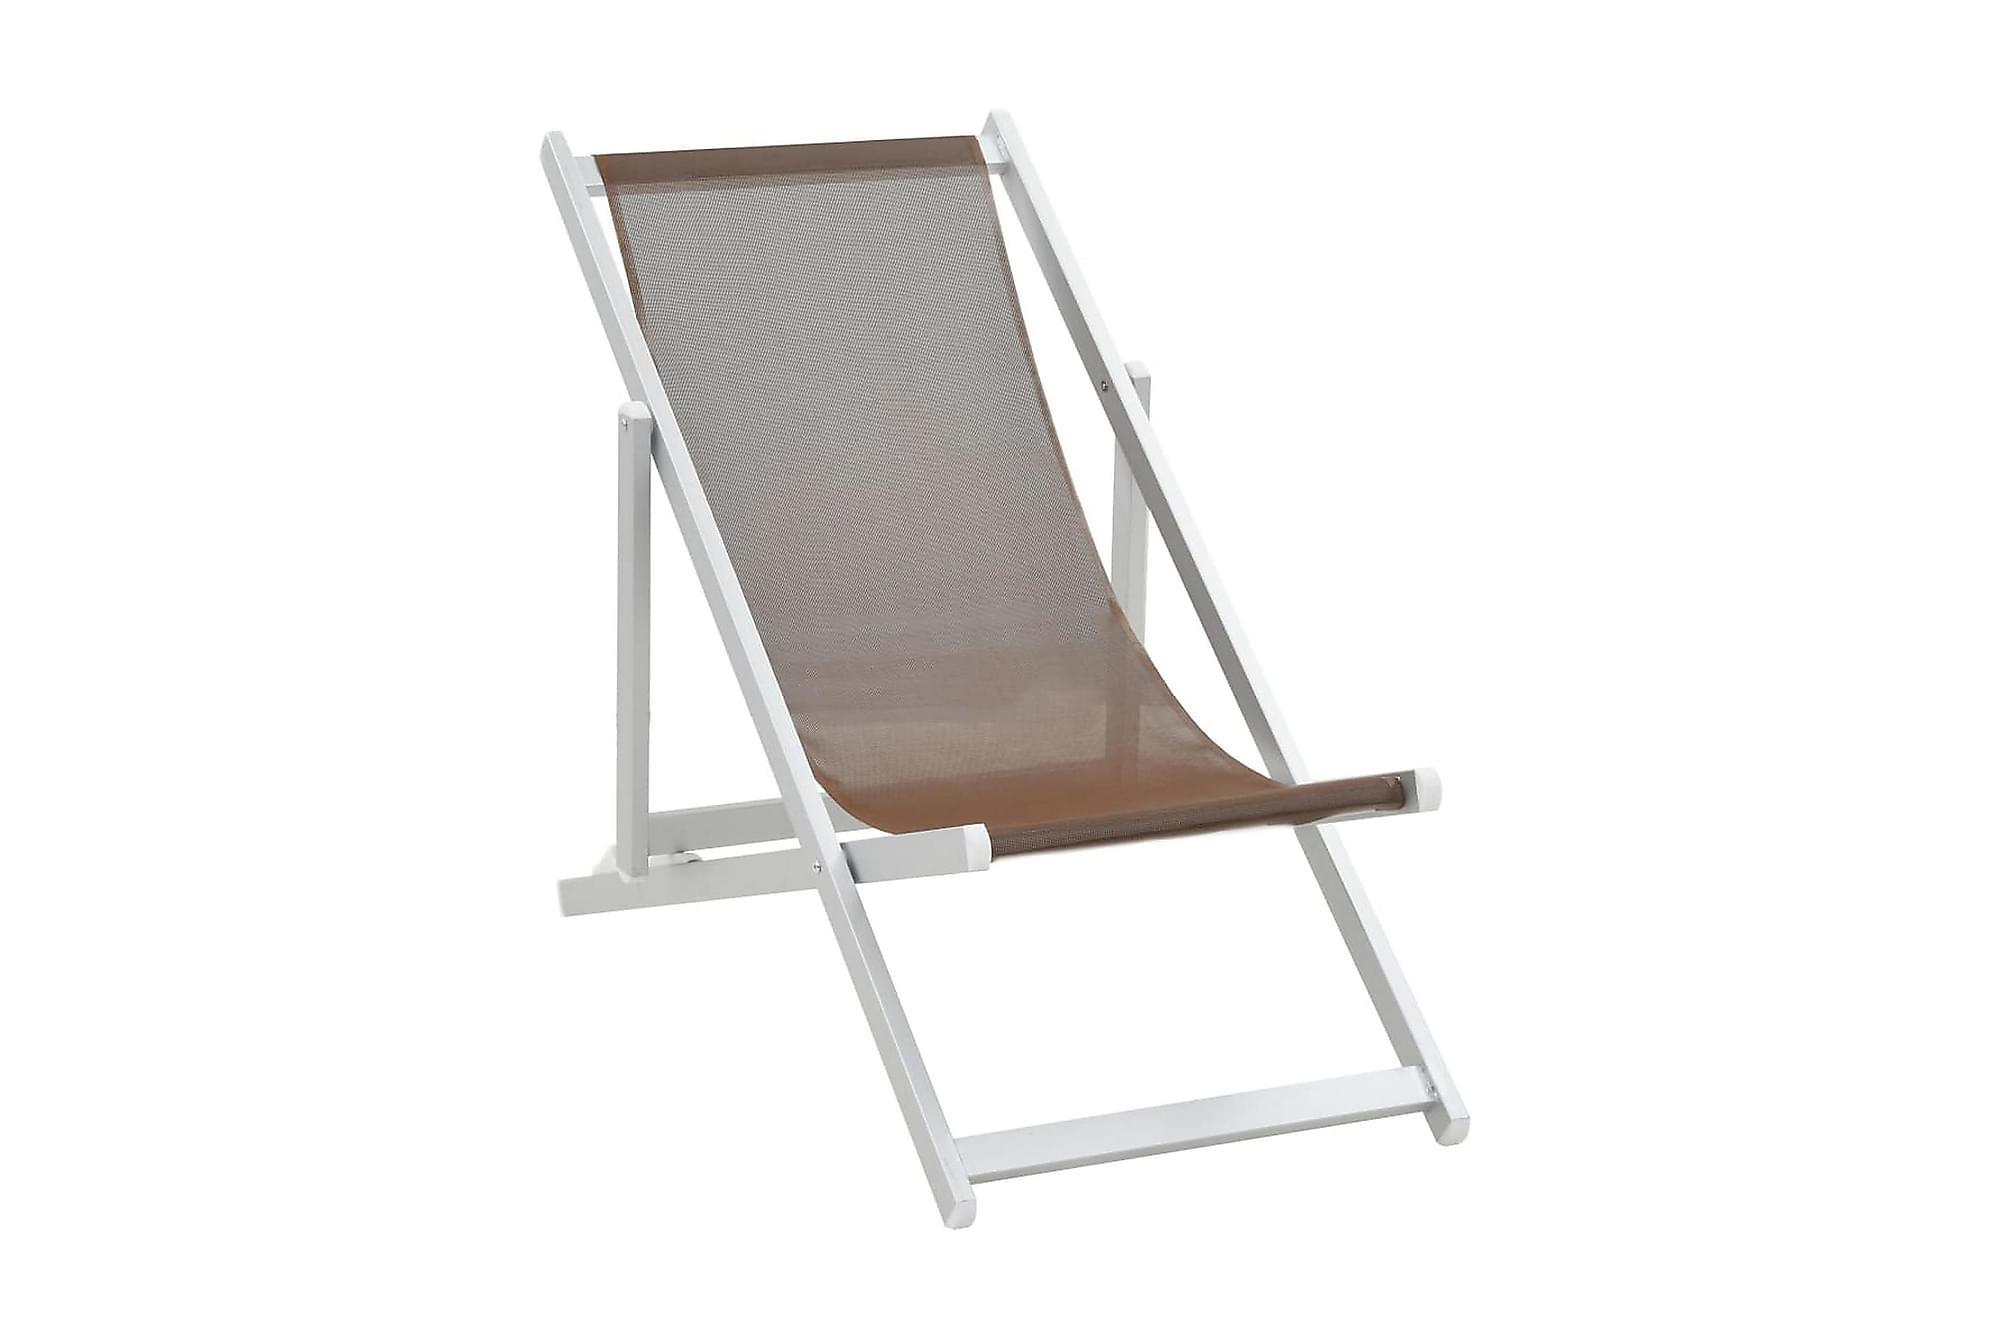 Hopfällbara strandstolar 2 st aluminium och textilen brun, Campingstol